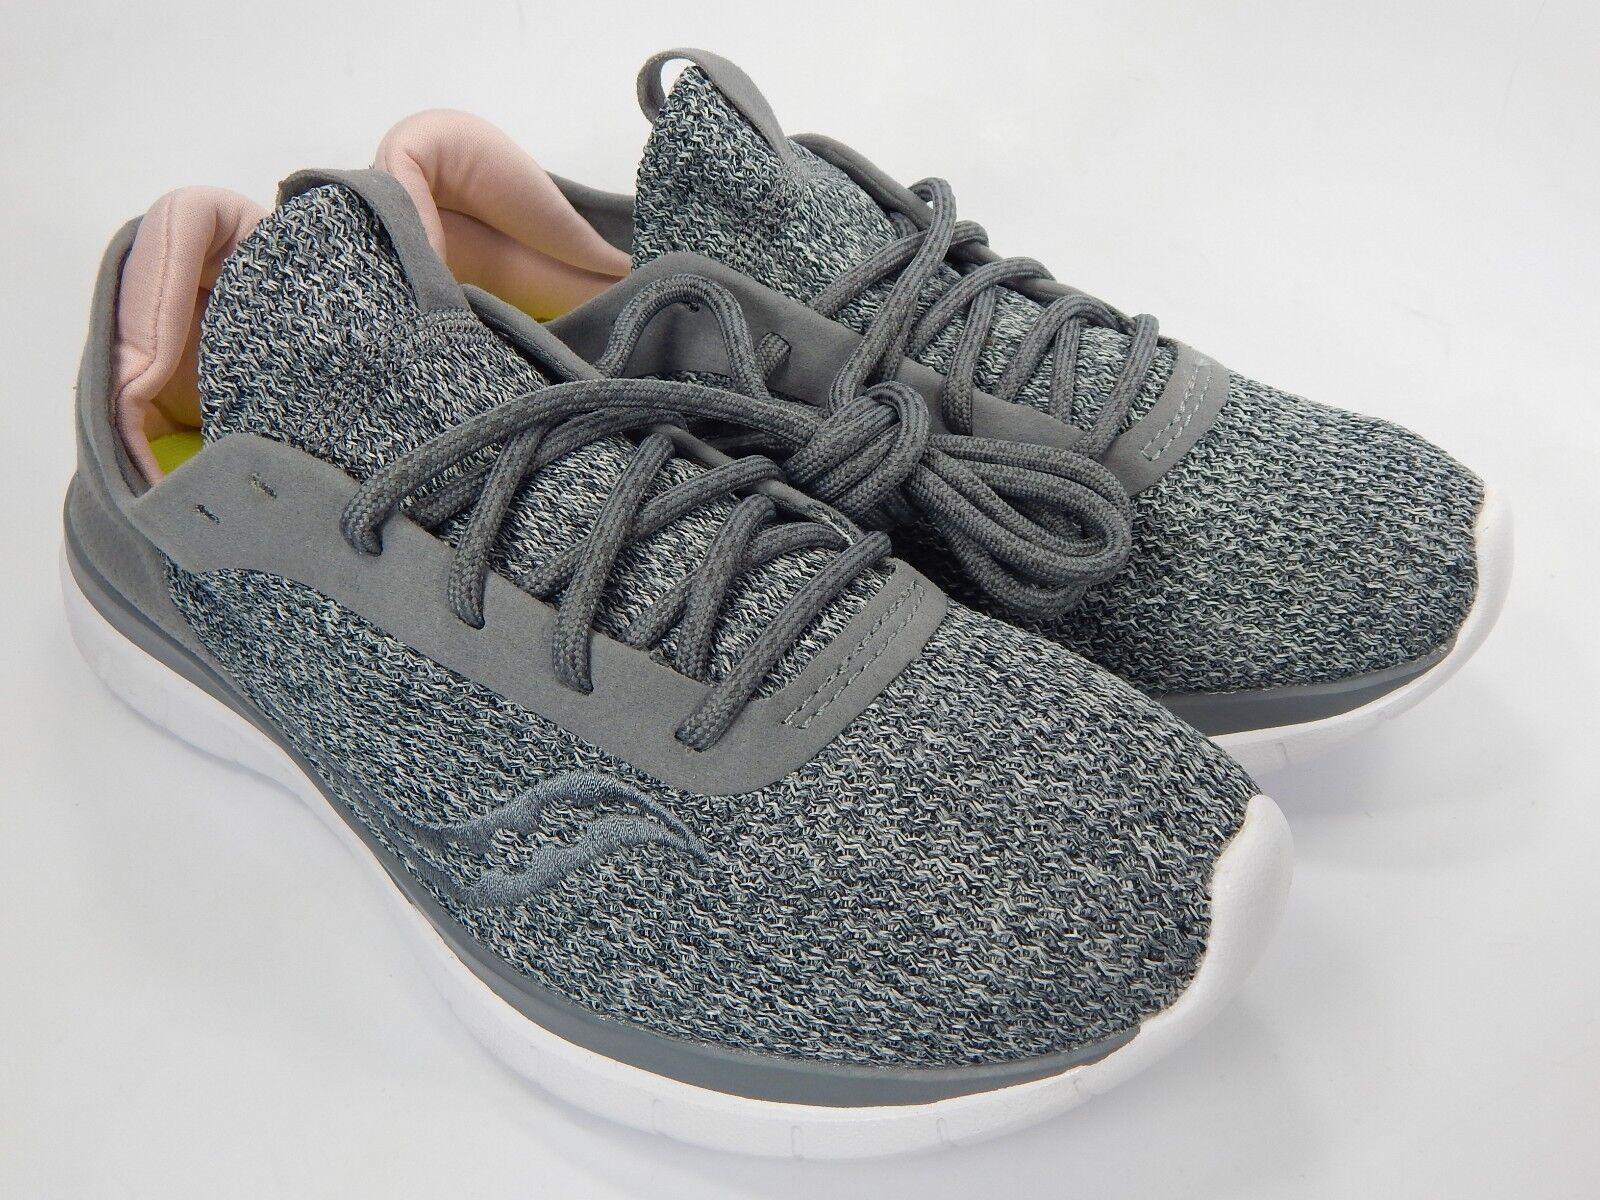 Saucony Liteform Escape femmes  Running  Chaussures  Sz US 8 M (B) EU 39  Gris  S30018-6